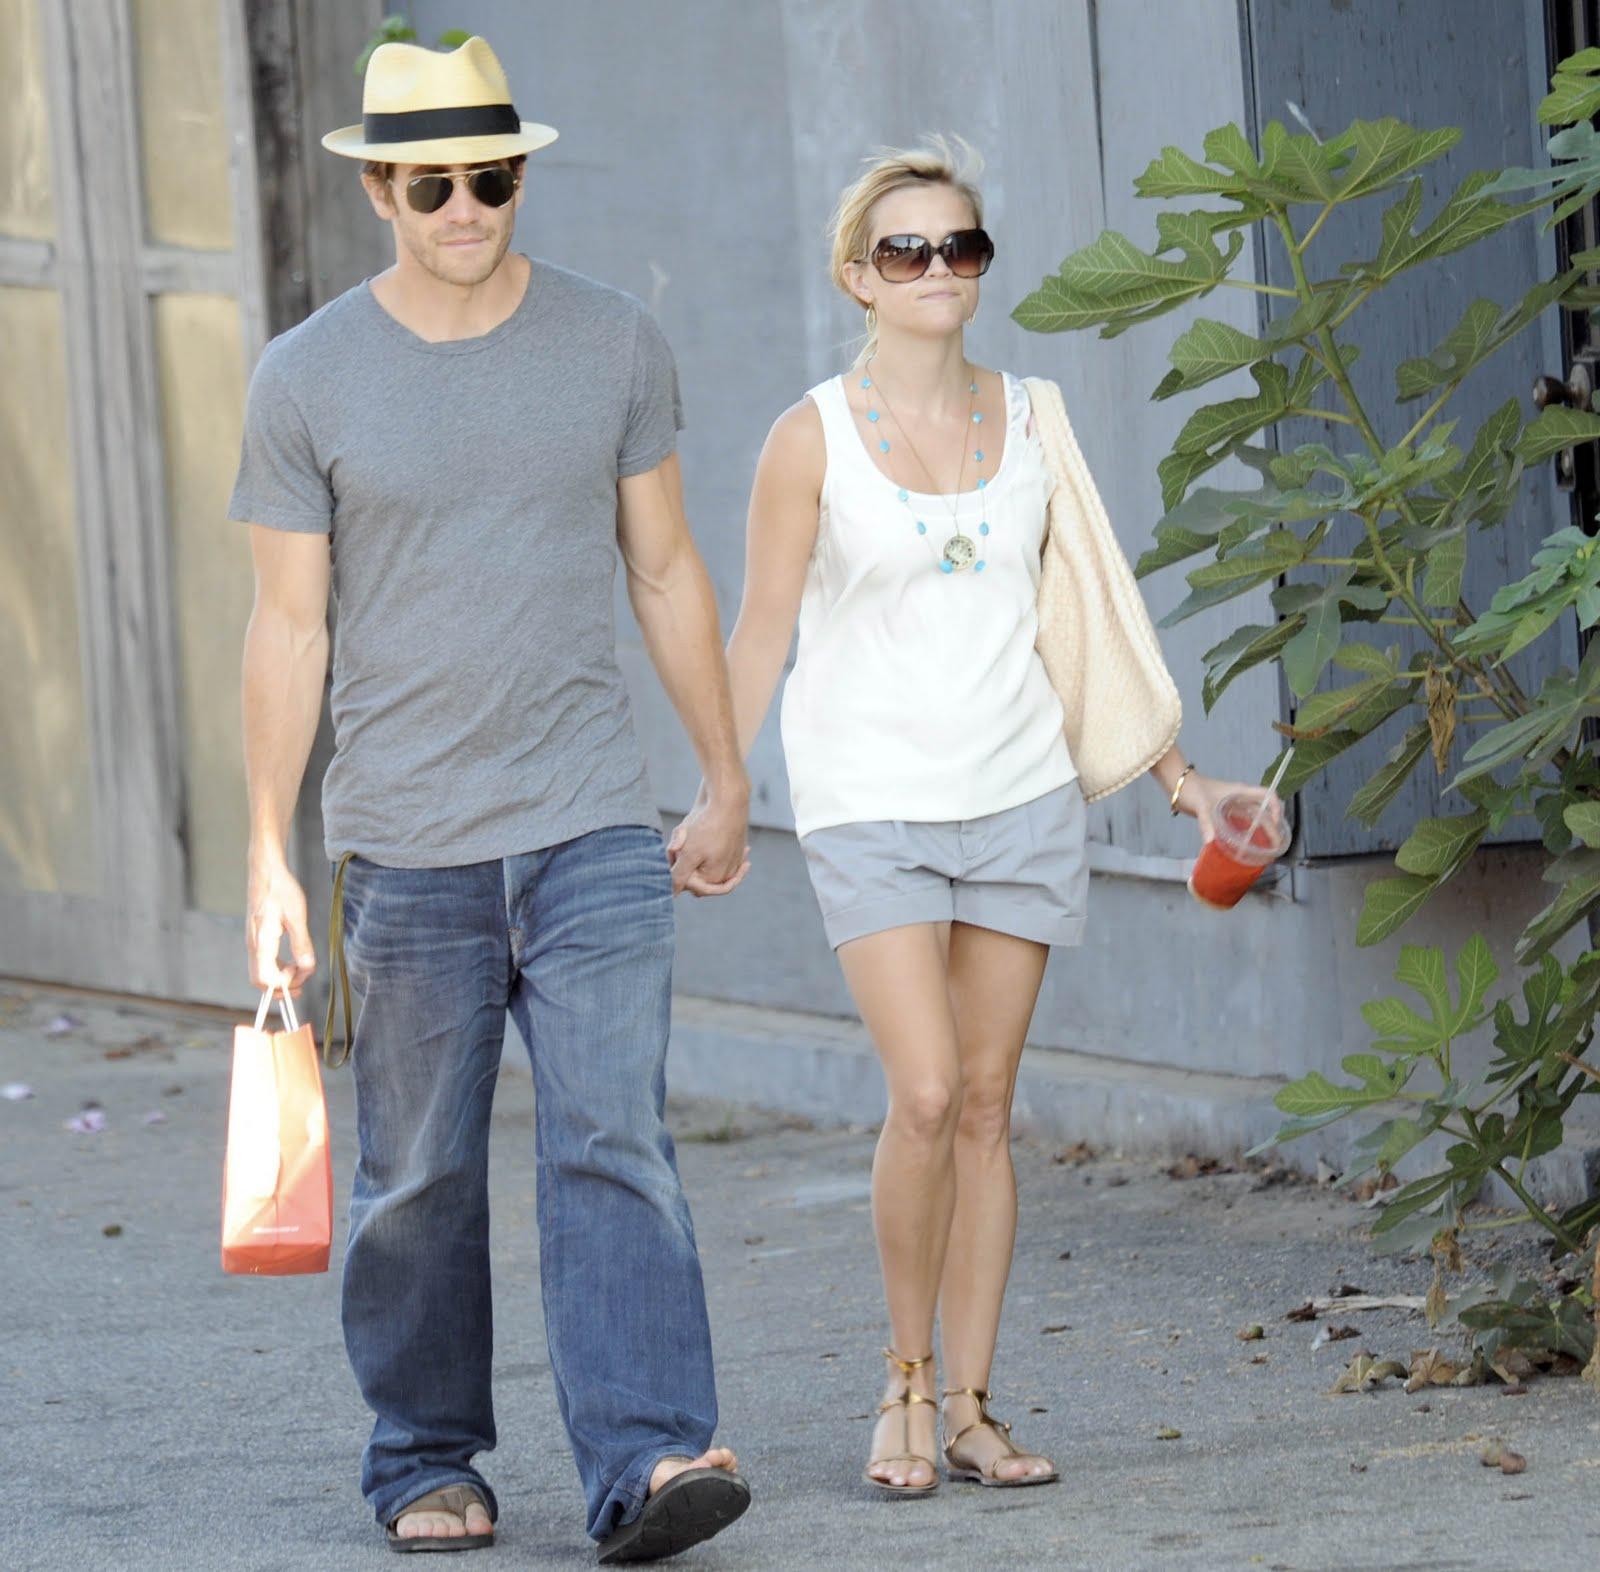 http://3.bp.blogspot.com/-89KpS3uIx6U/TjtuecPT0wI/AAAAAAAACv4/WsVJCgNmA5E/s1600/Reese+Witherspoon+%2526+Jake+Gyllenhaal.jpg